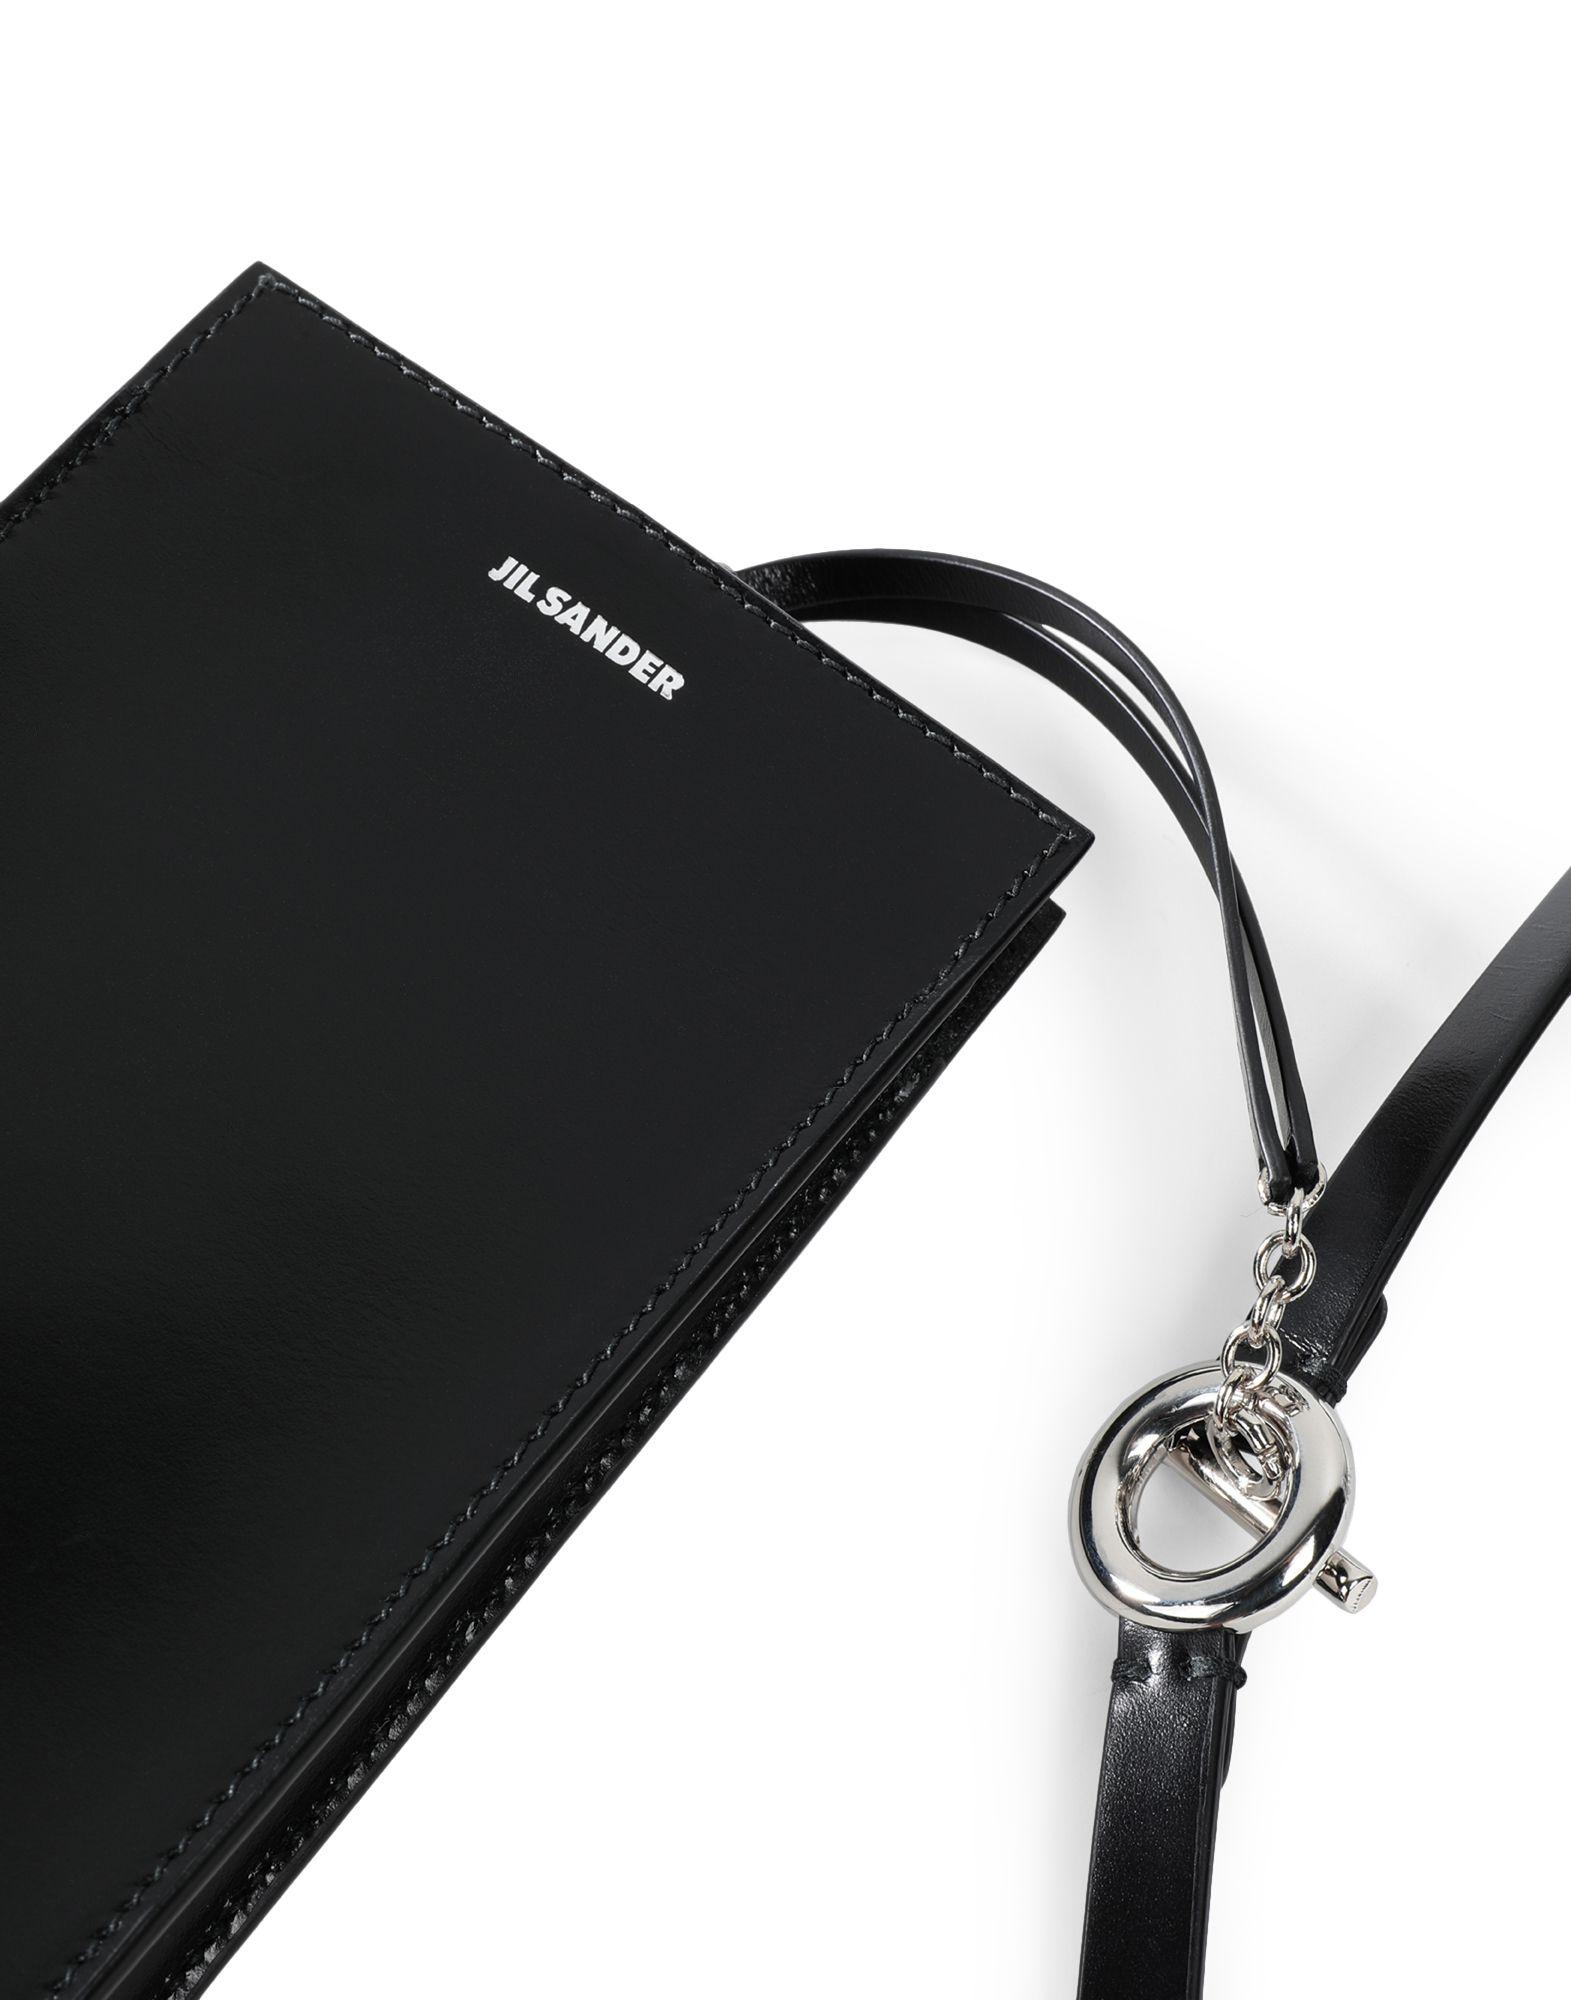 mobile phone case - JIL SANDER Online Store